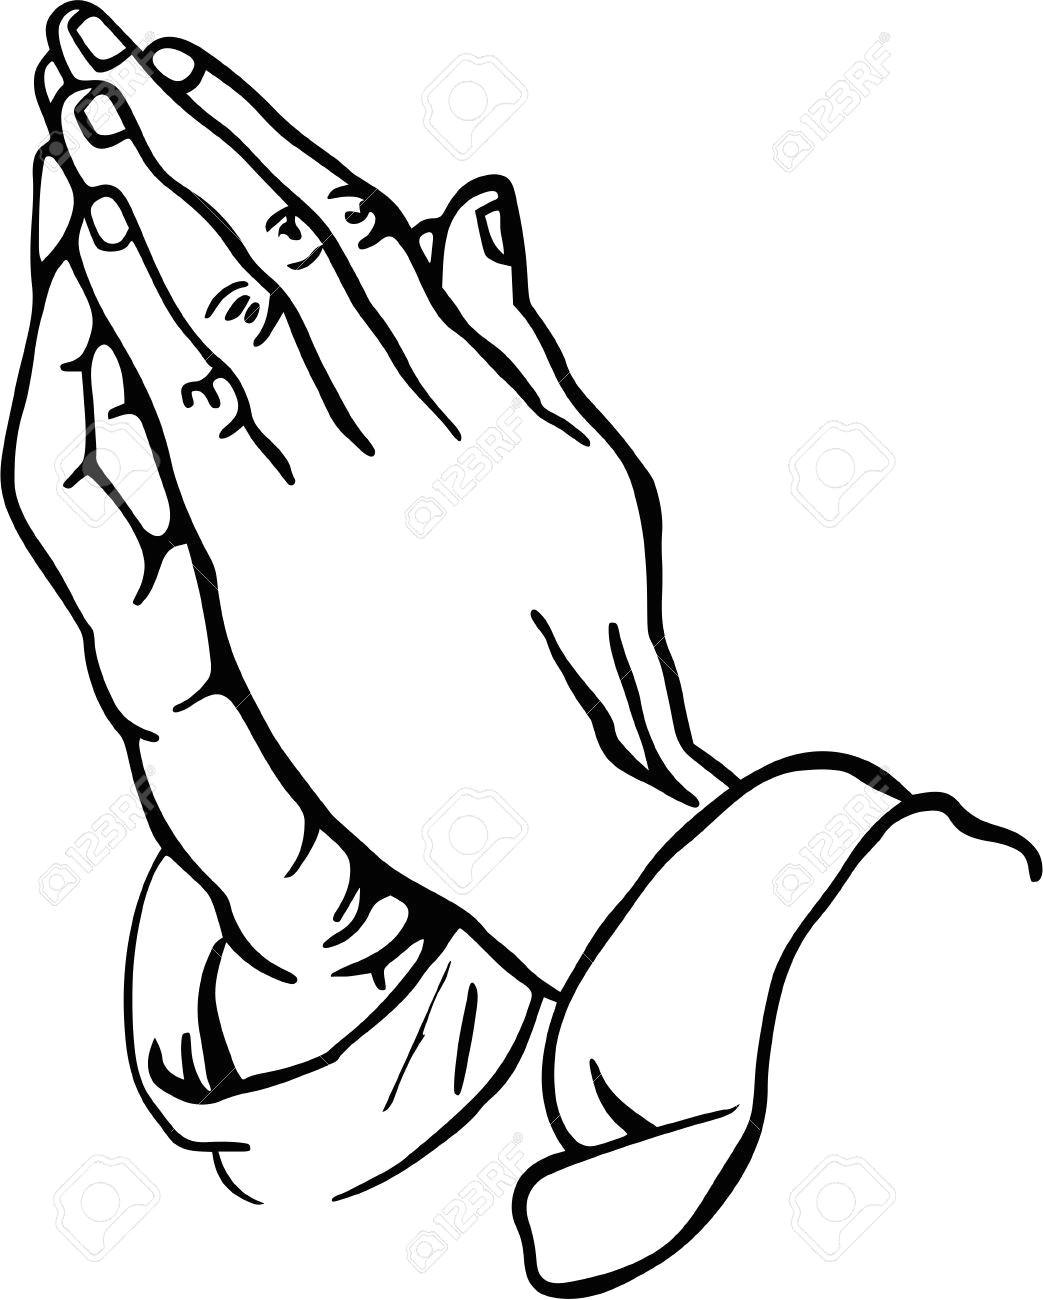 Drawings Of Prayer Hands Praying Hands Clipart Craft Ideas Pinterest Praying Hands